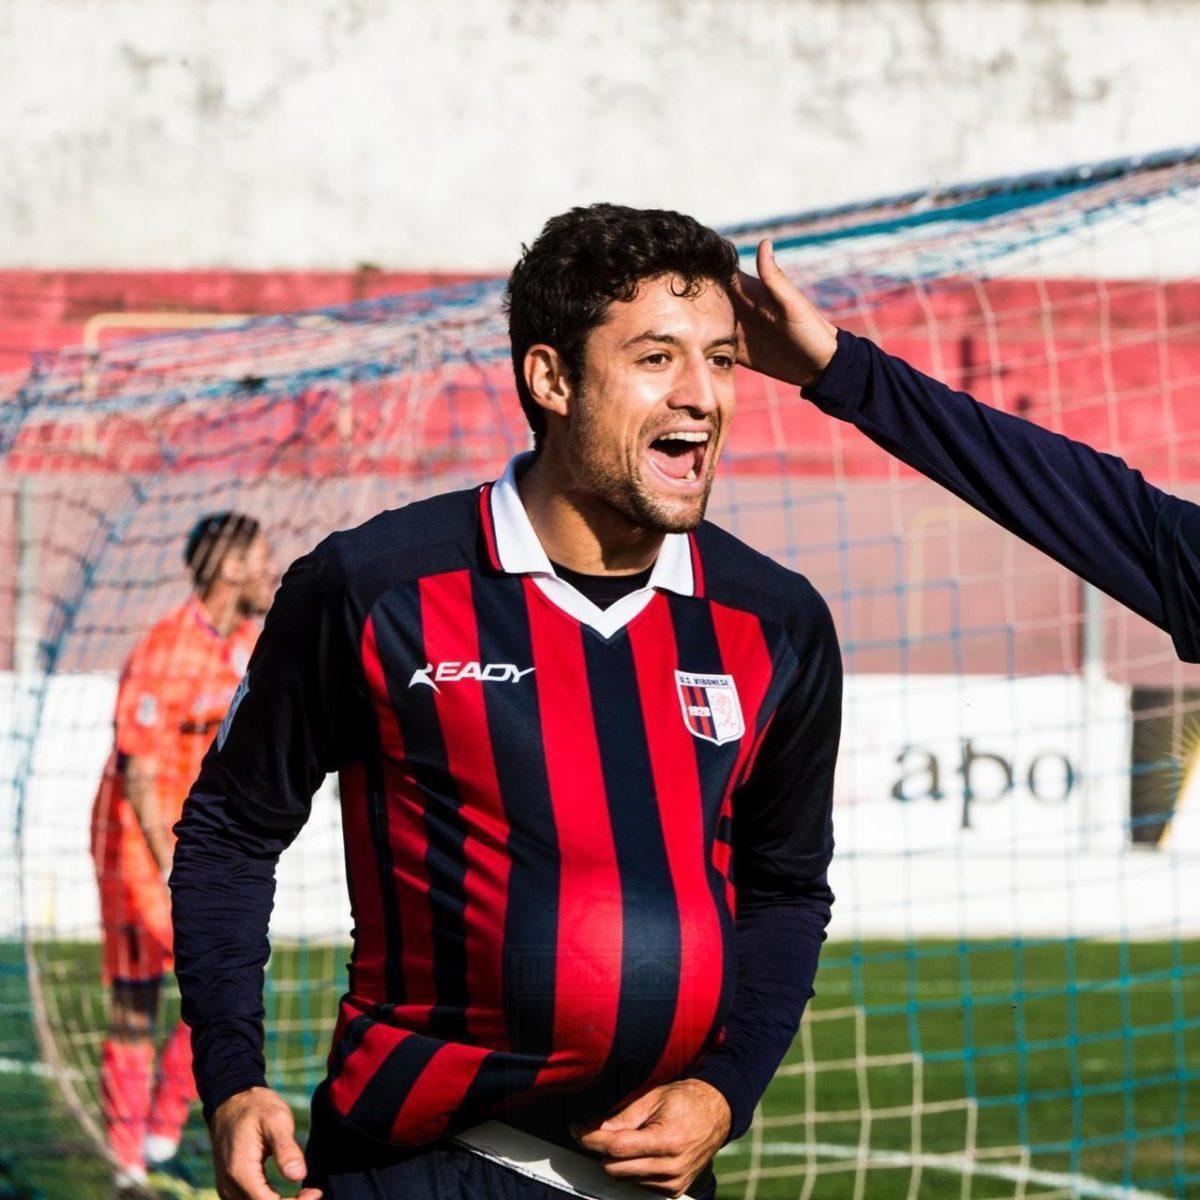 Fiocco rosa in casa Vibonese immagine 11824 US Vibonese Calcio